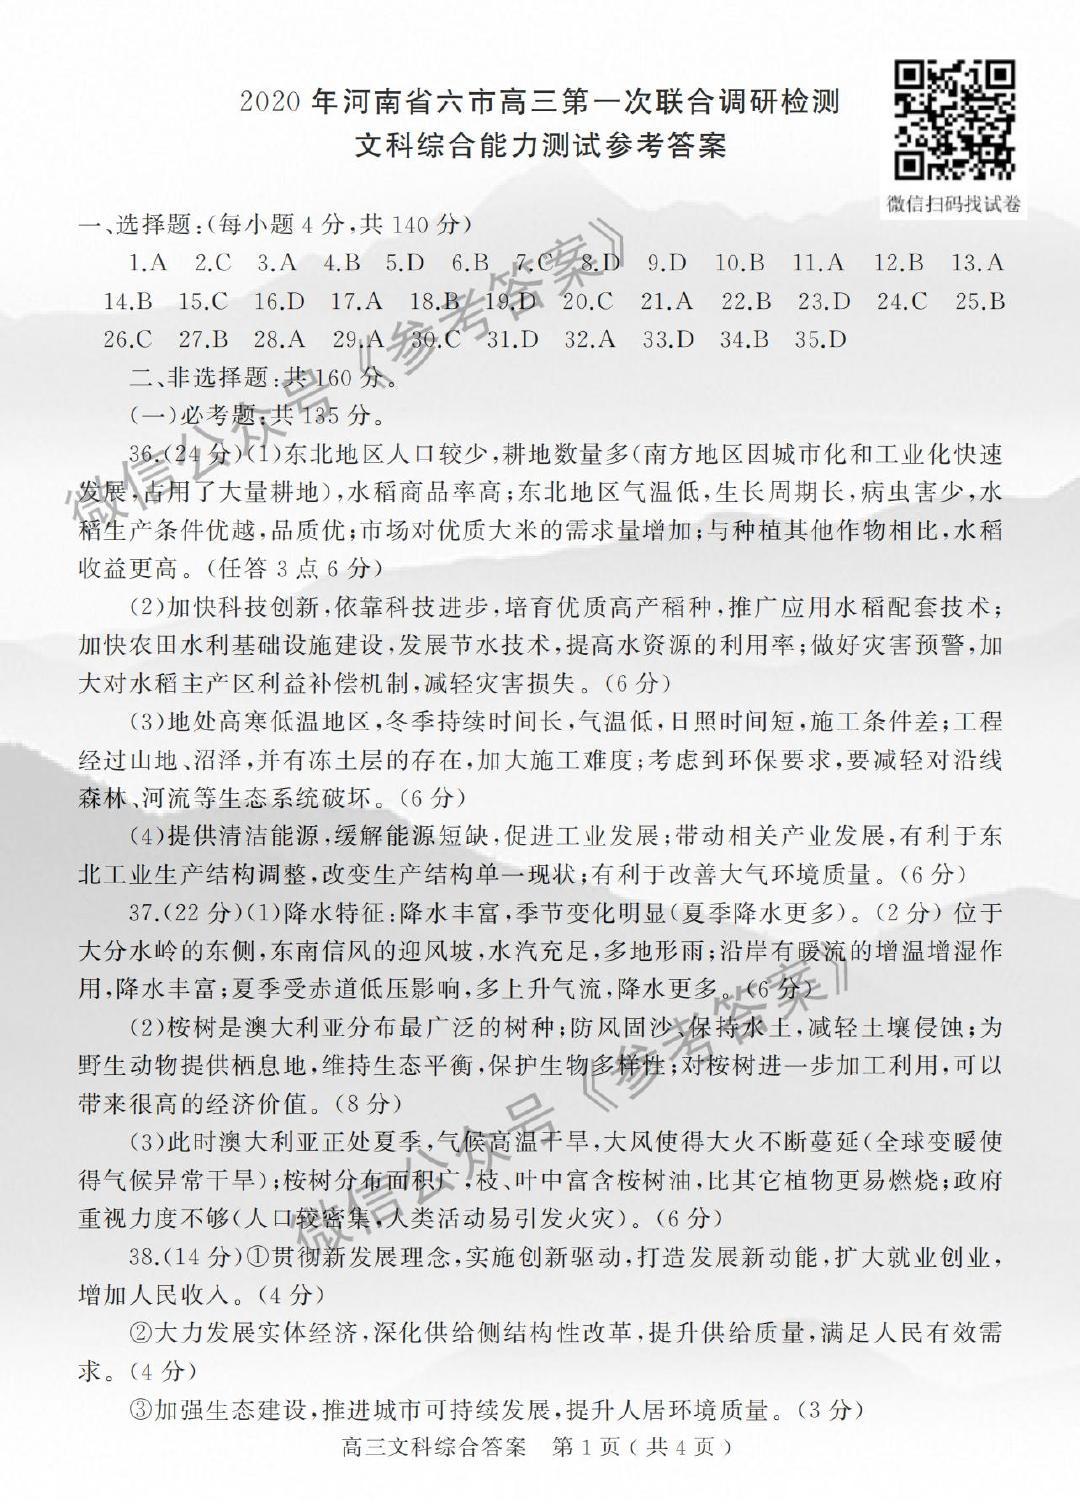 2020河南省六市高三第一次模拟考试文综答案(文科综合)